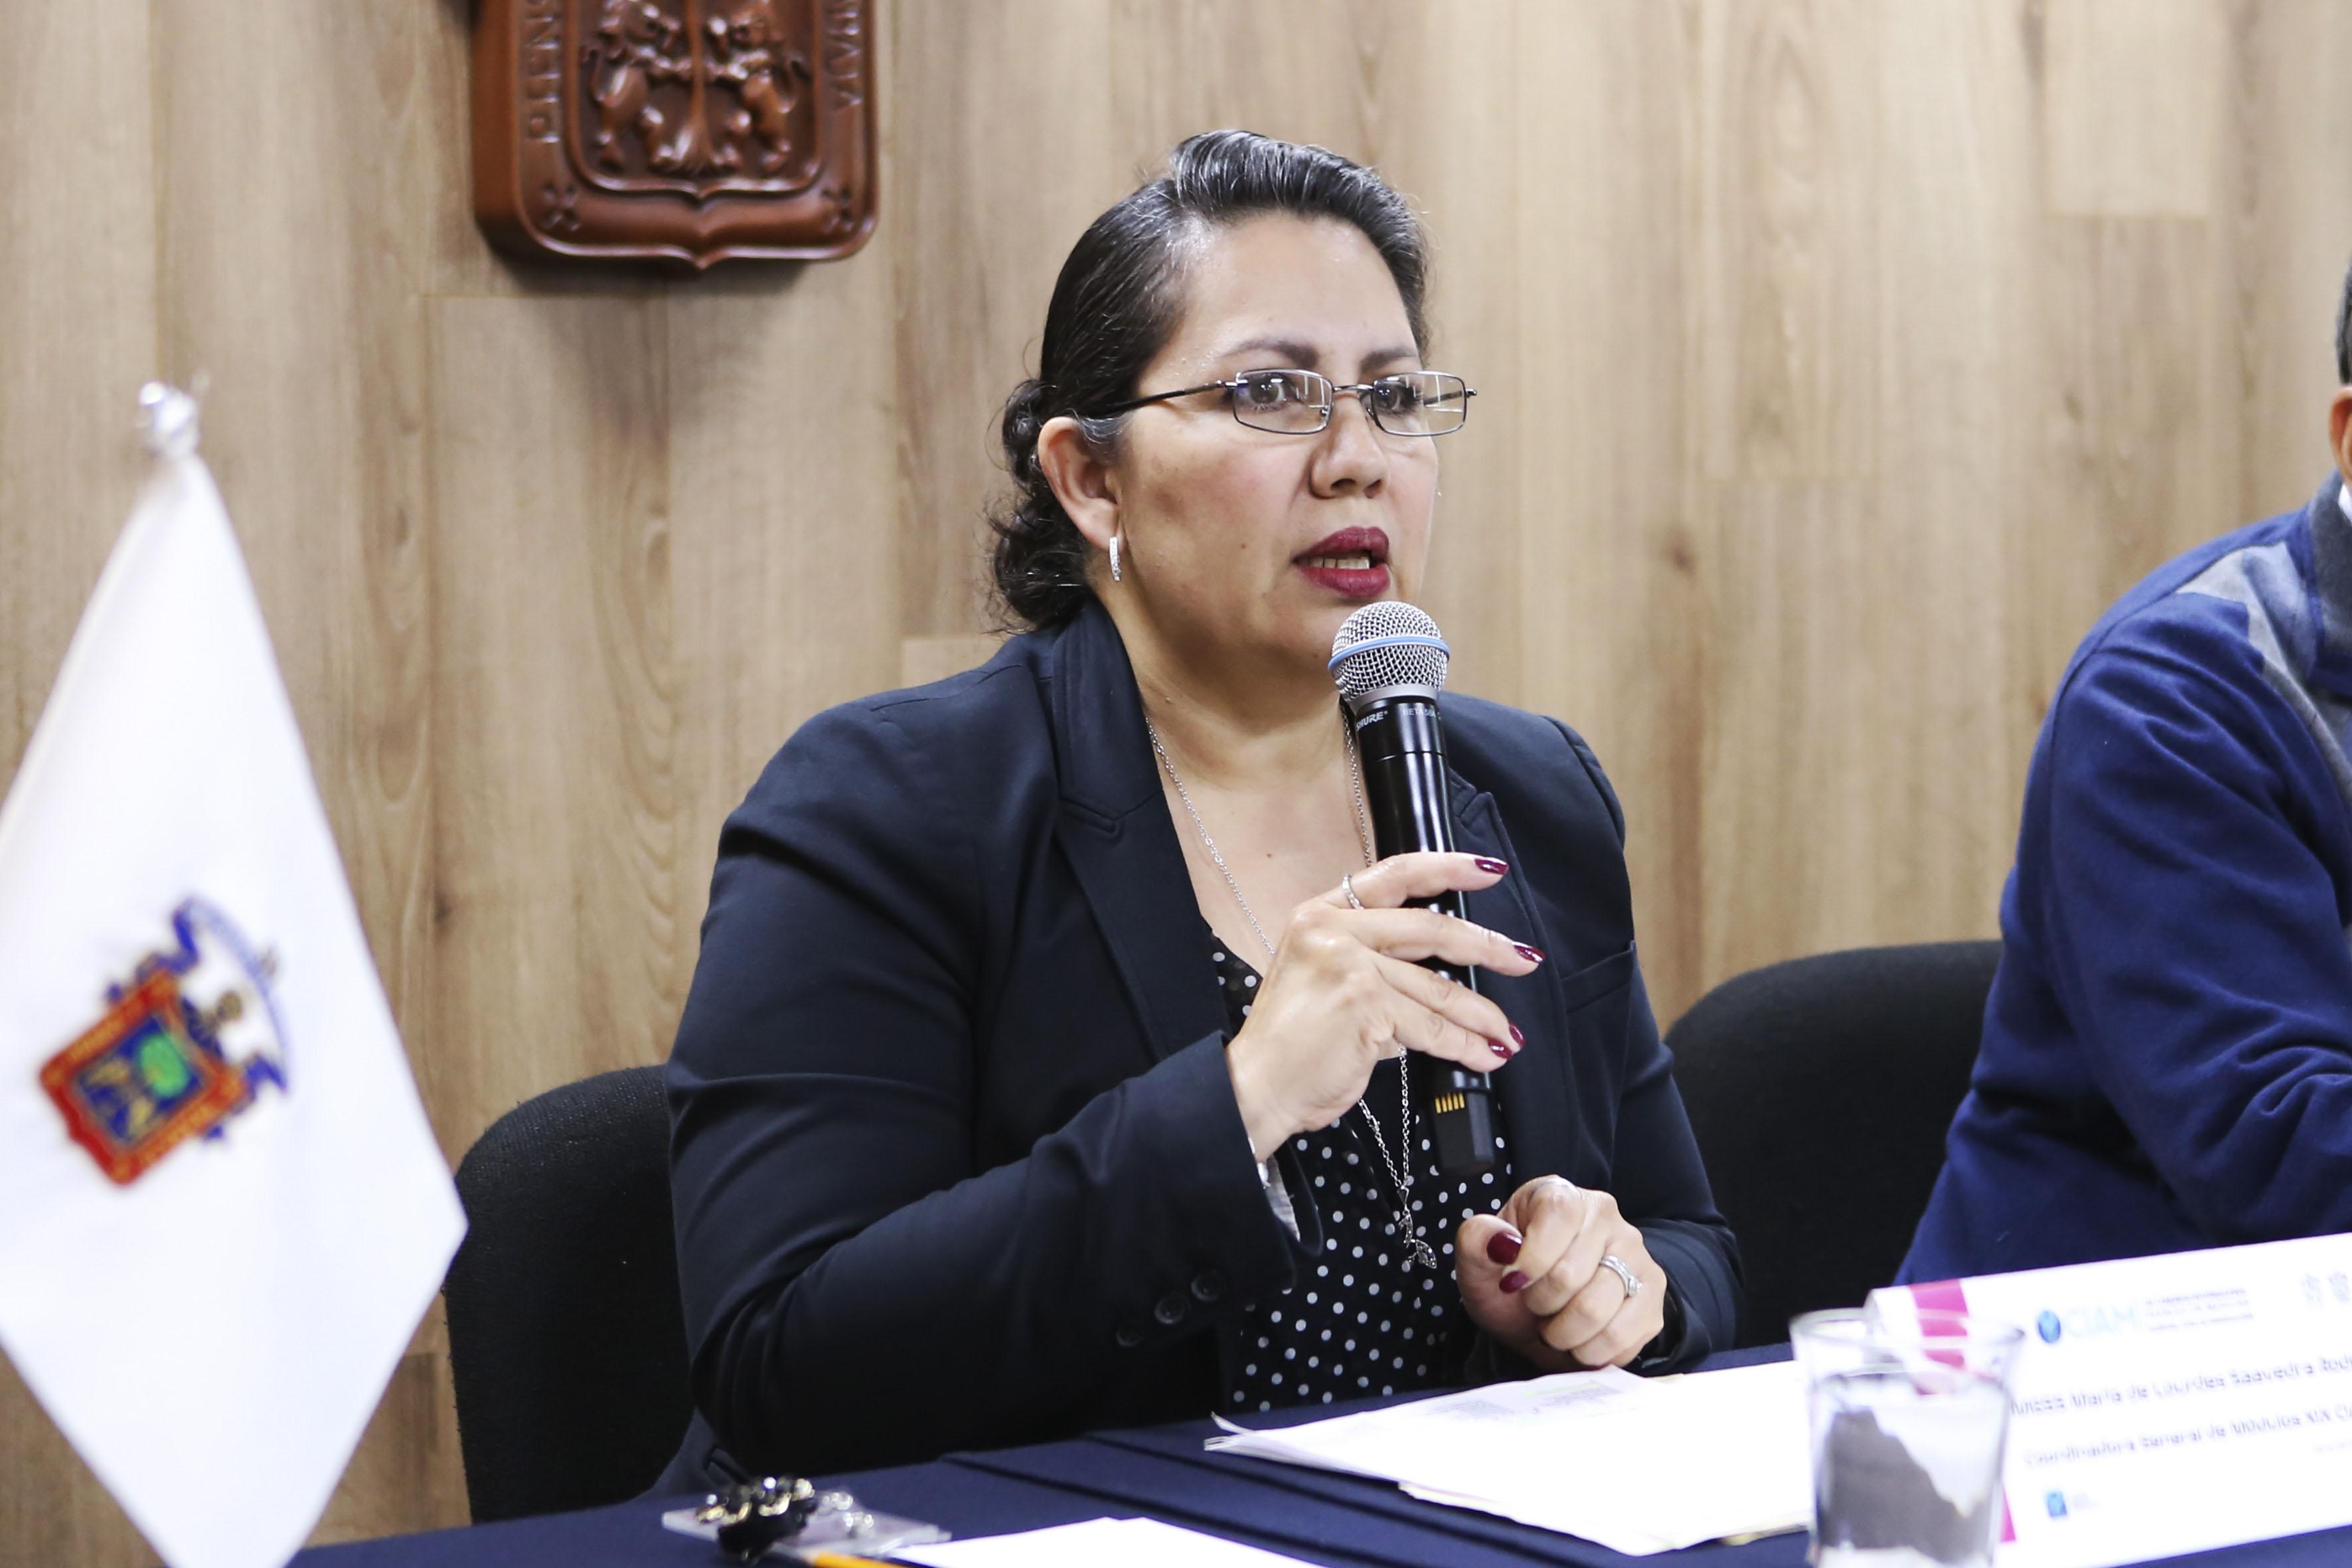 La maestra María de Lourdes Saavedra Rodríguez, coordinadora general de Módulos del CIAM